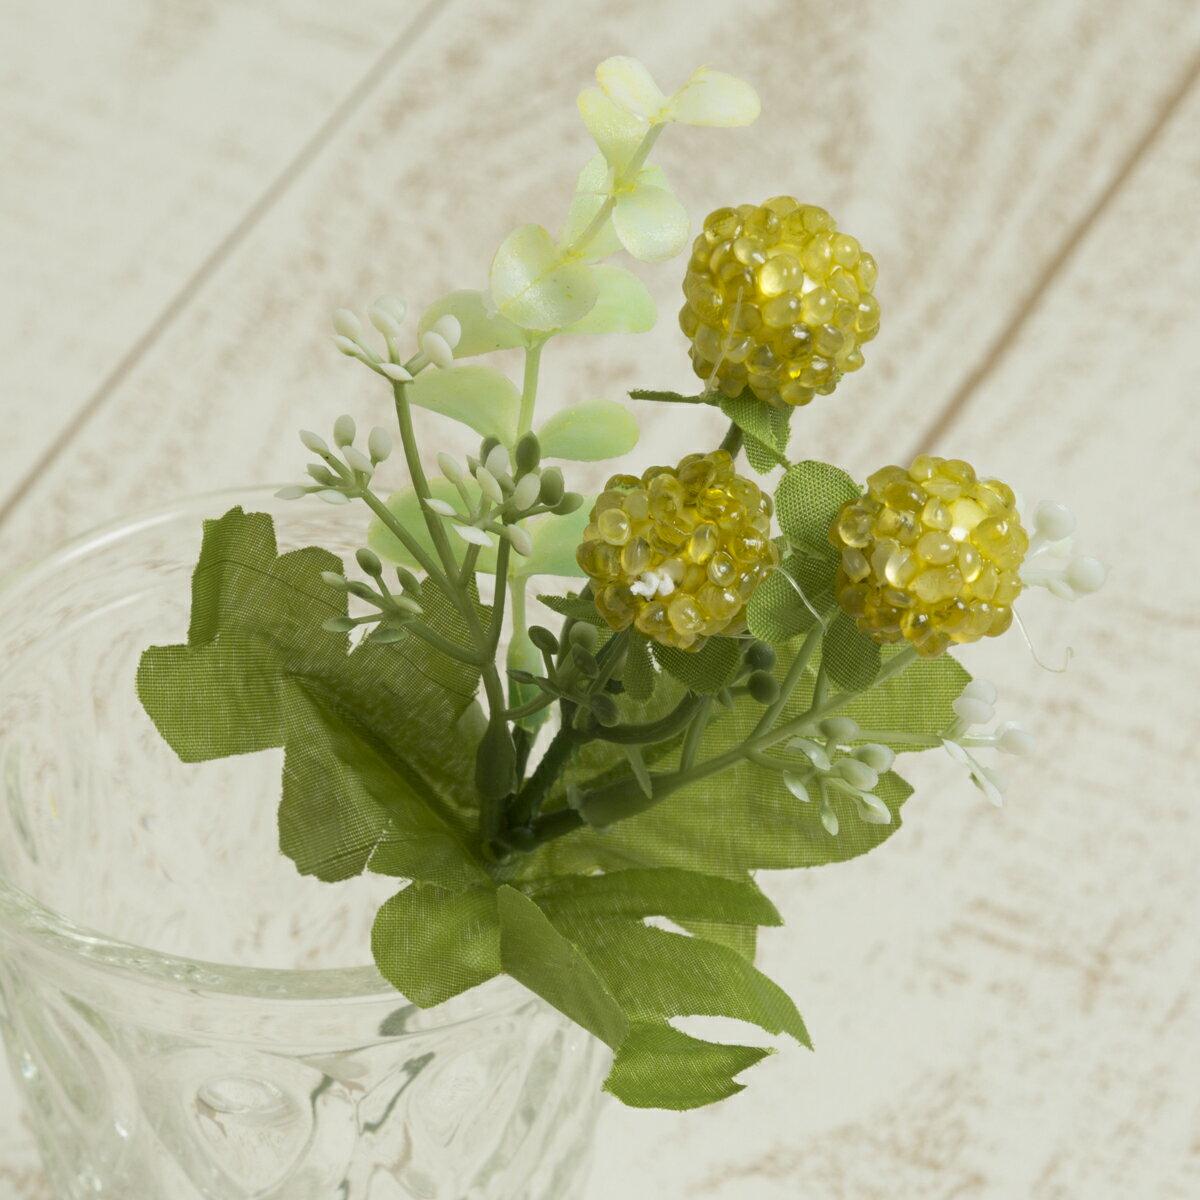 大特価◎即日★【造花】YDM/ラズベリーミックスピック グリーン/FB2354-GR【00】《 造花(アーティフィシャルフラワー) 造花実物、フェイクフルーツ ラズベリー 》